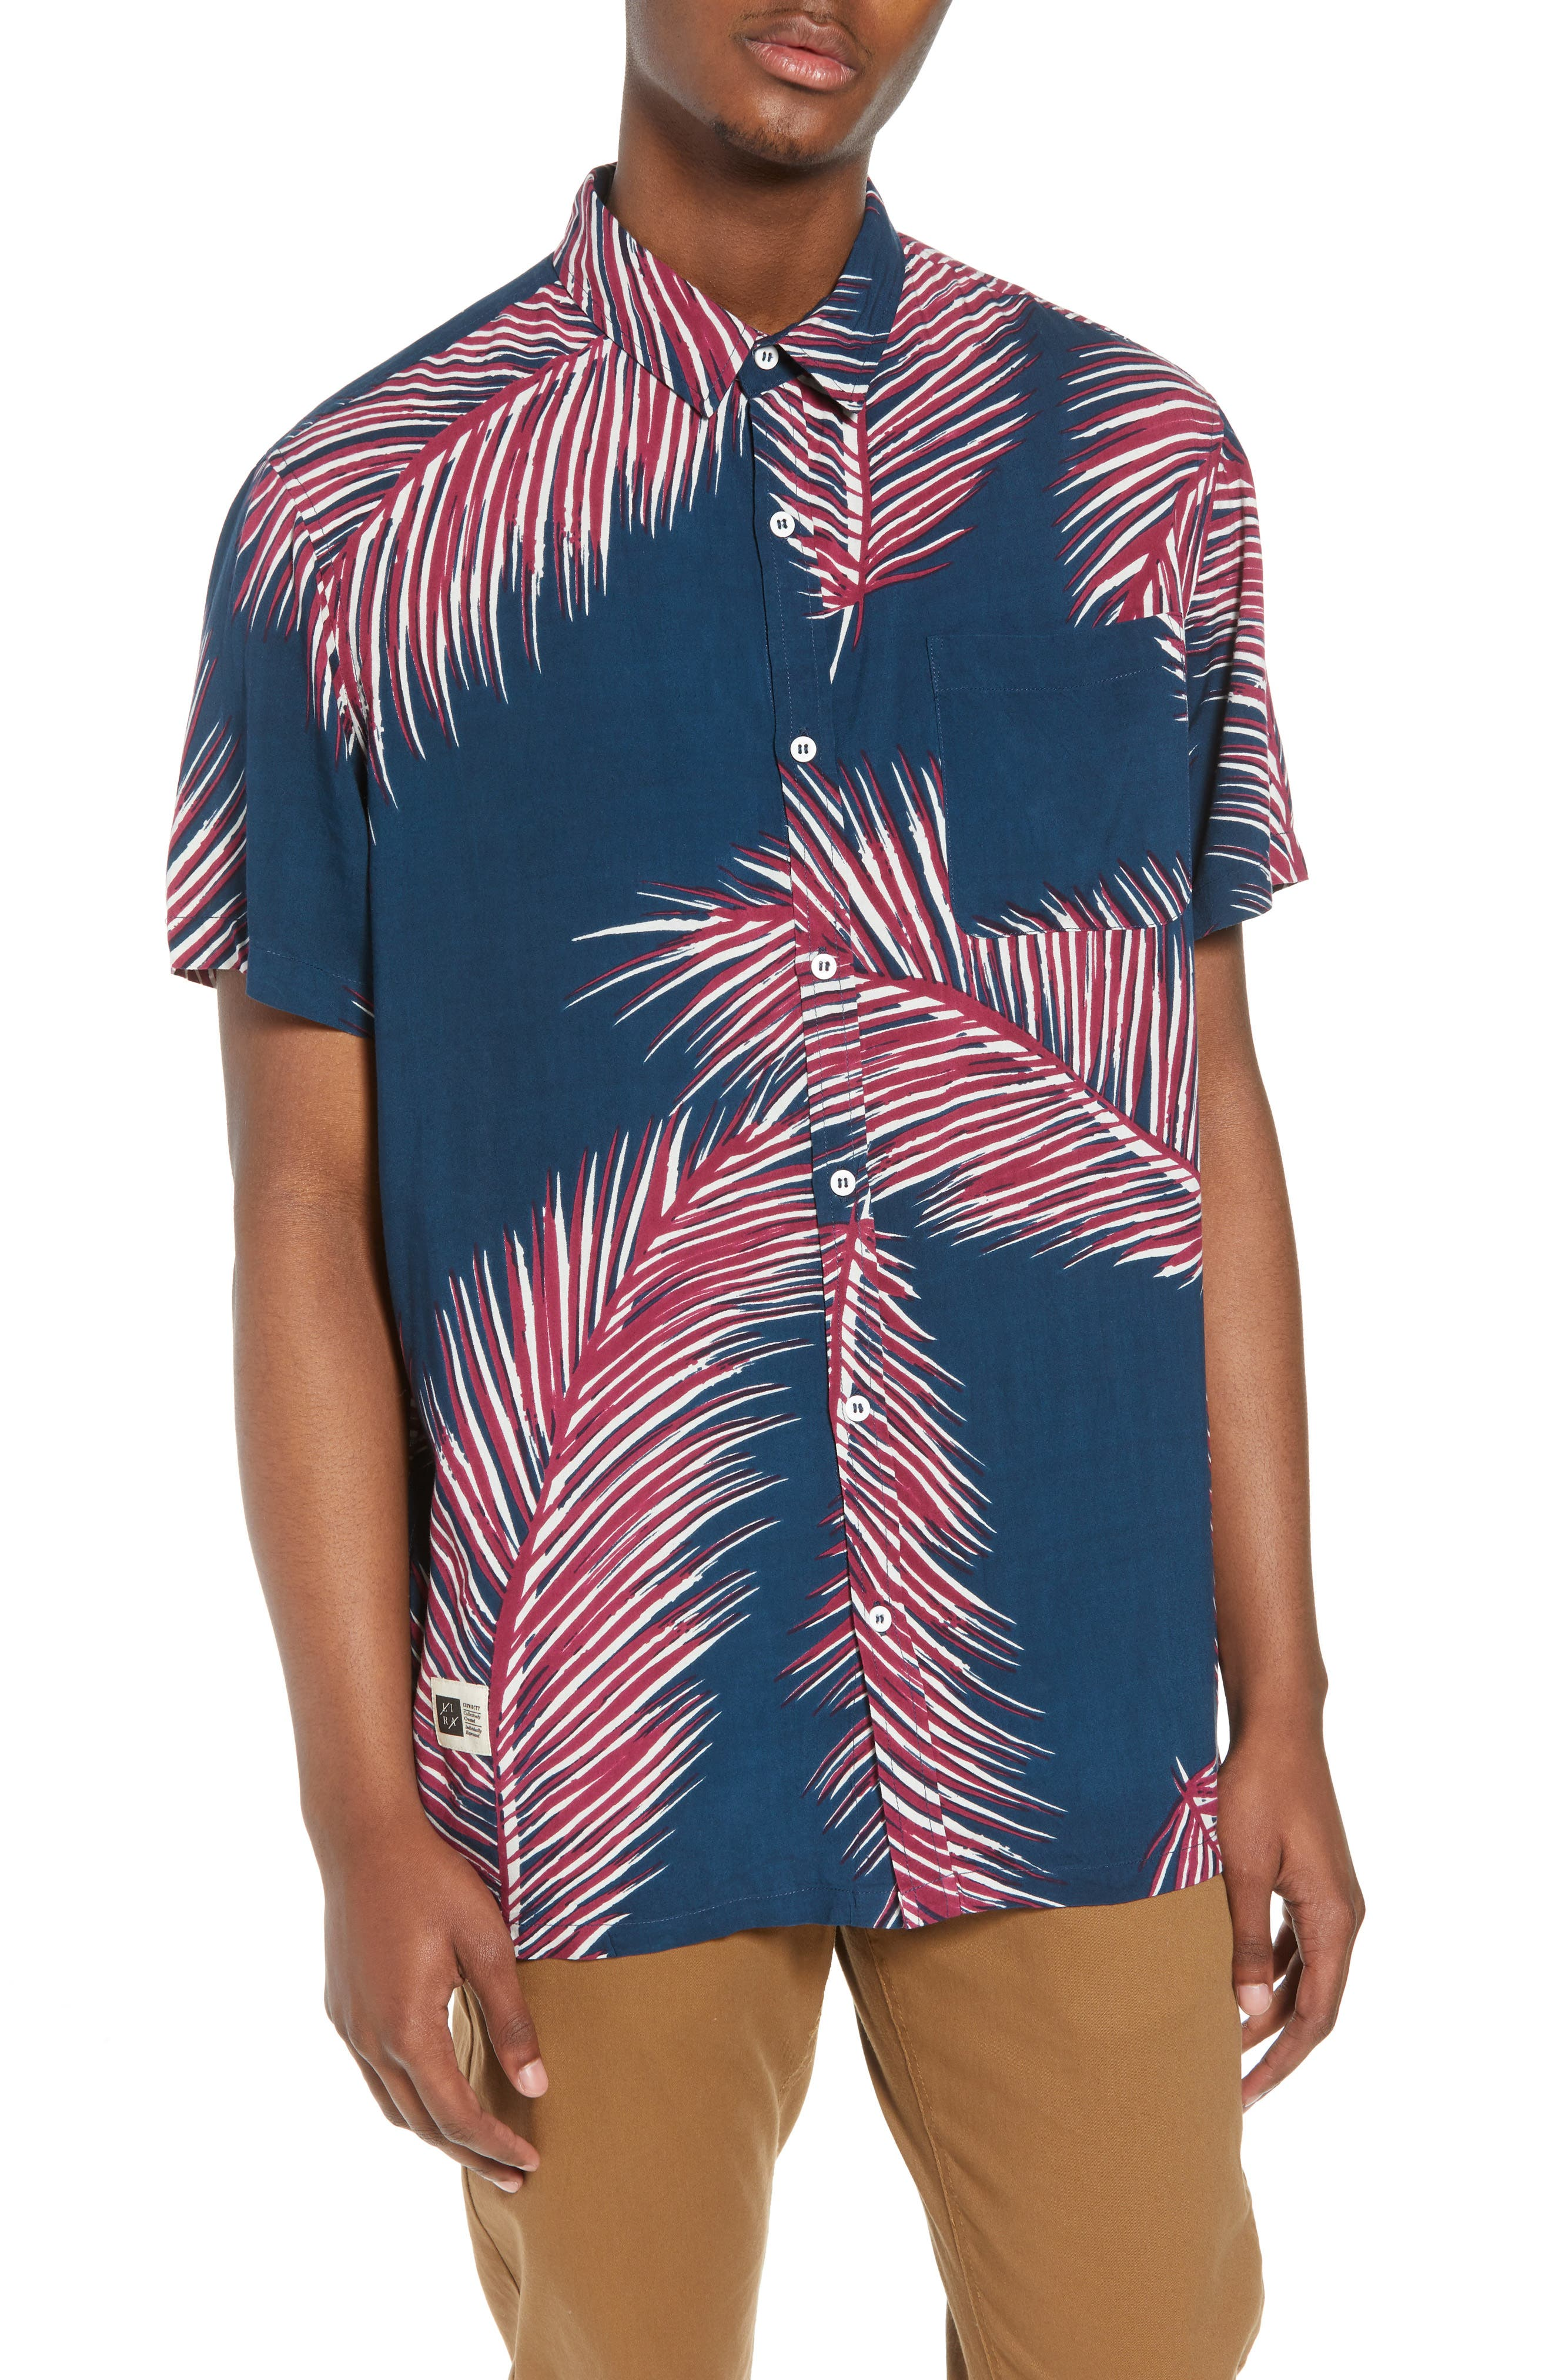 Lira Clothing Giant Palms Woven Shirt